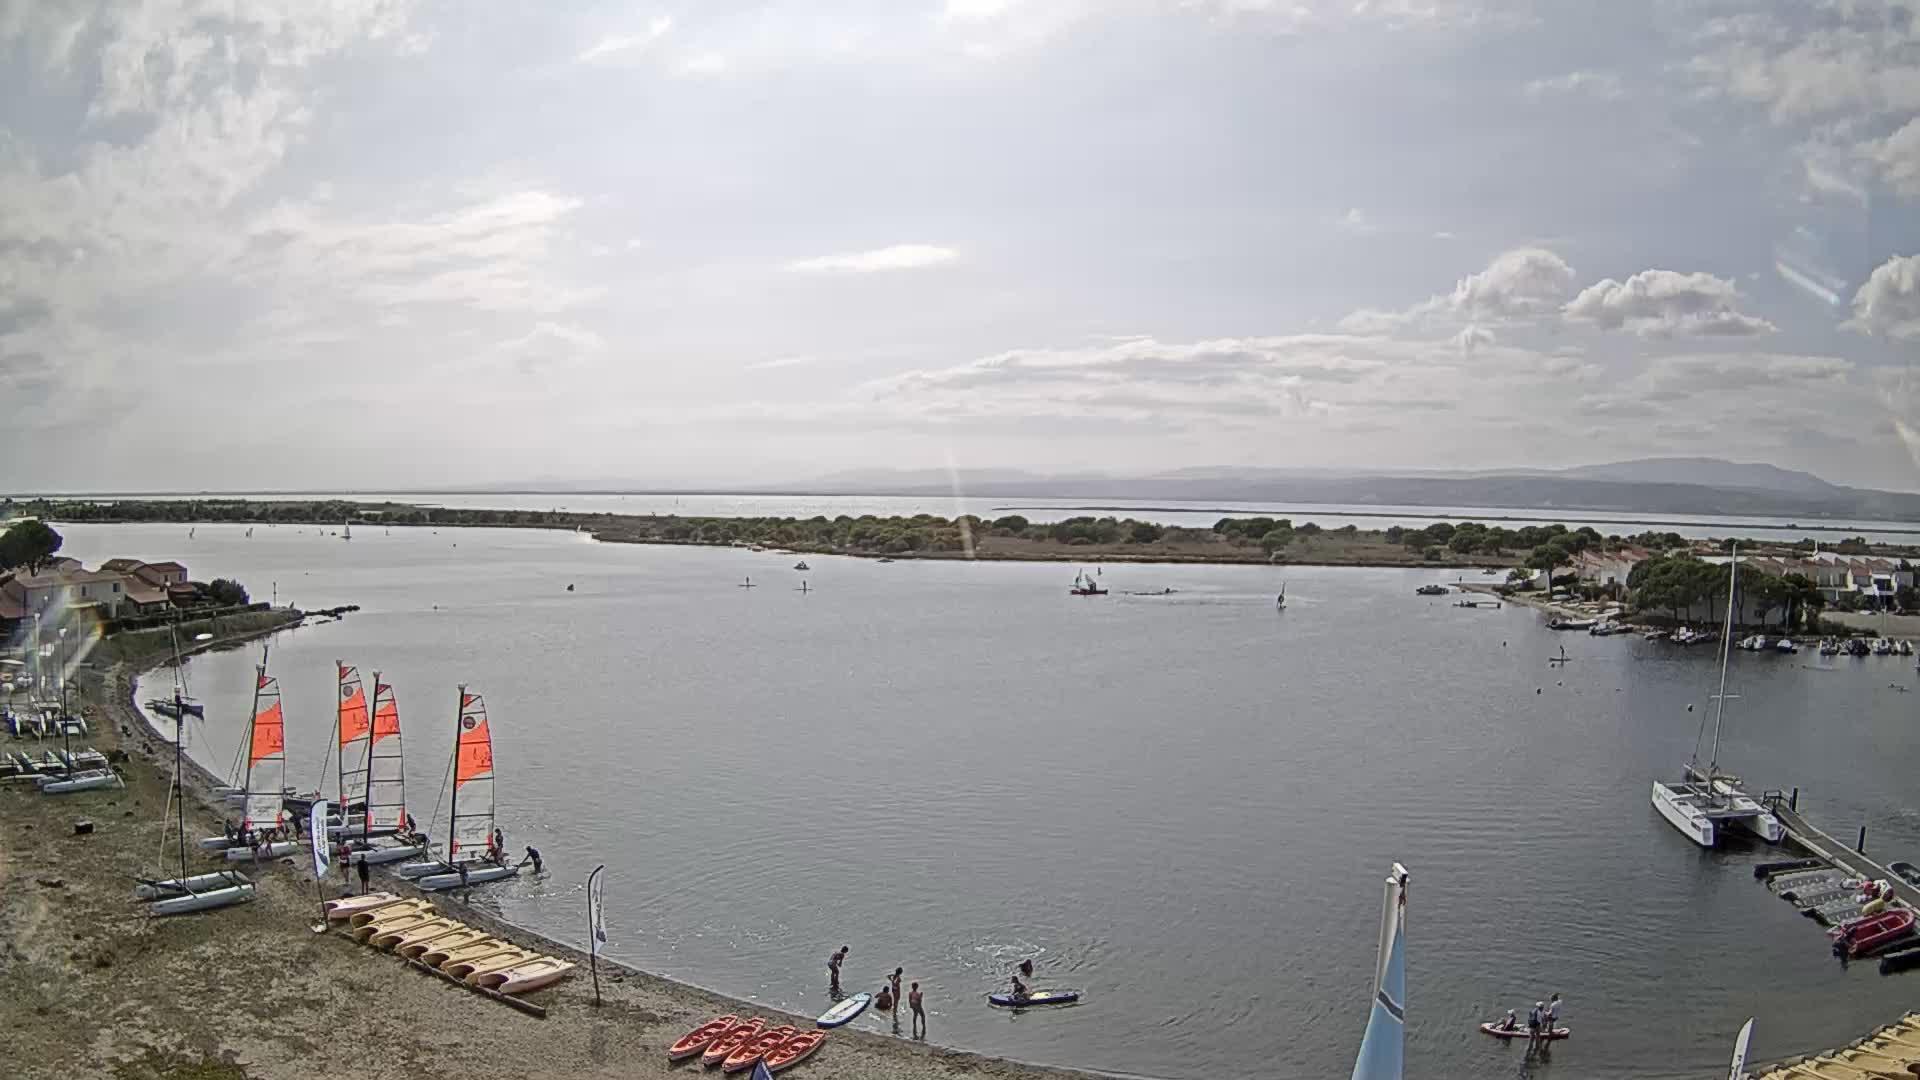 Веб камера Бассейны в Ле Баркарес на побережье Балеарского моря